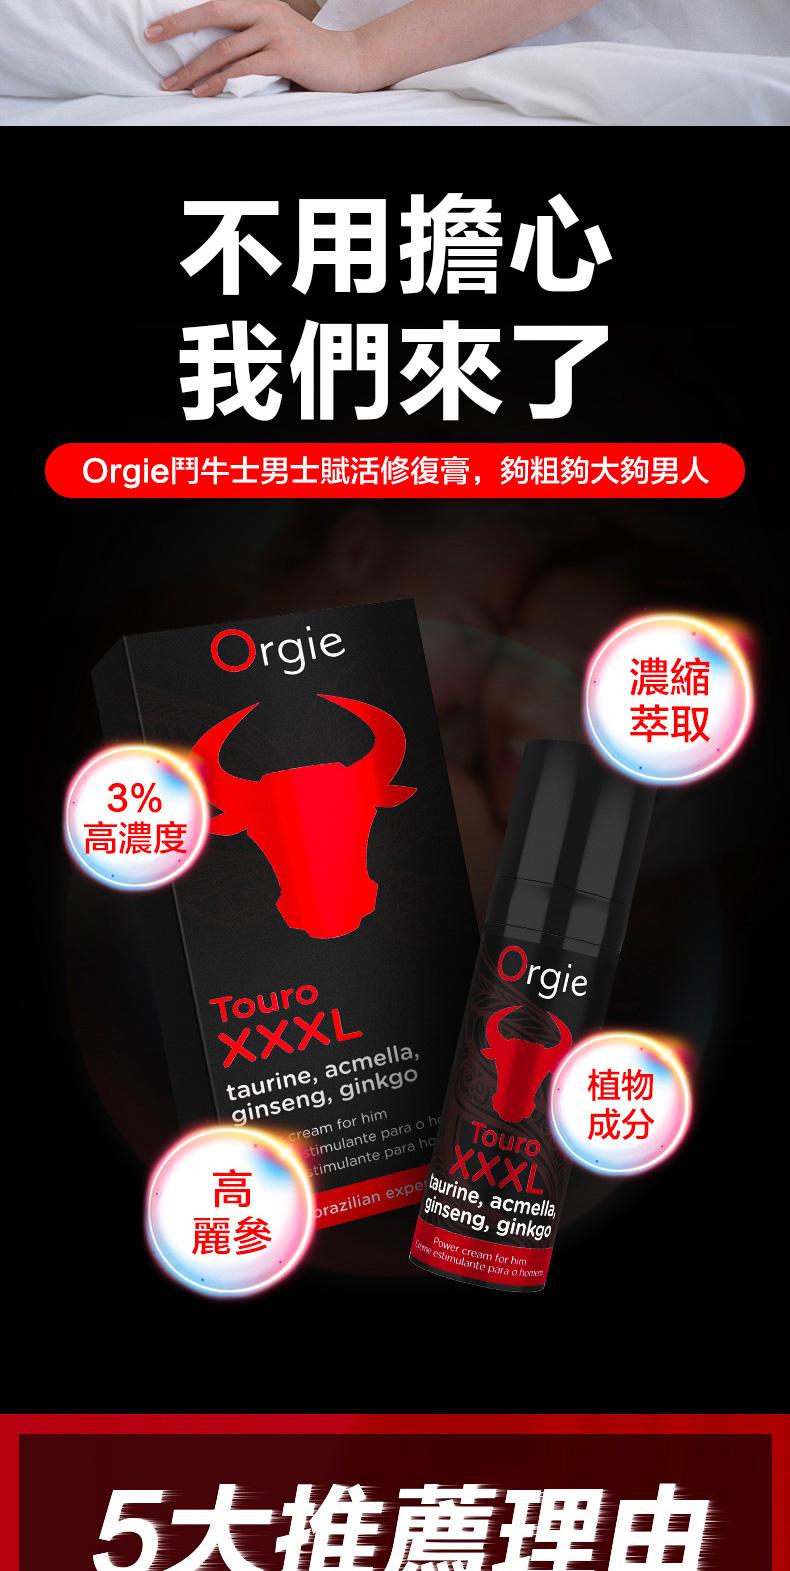 Orgie Touro XXXL Power Cream